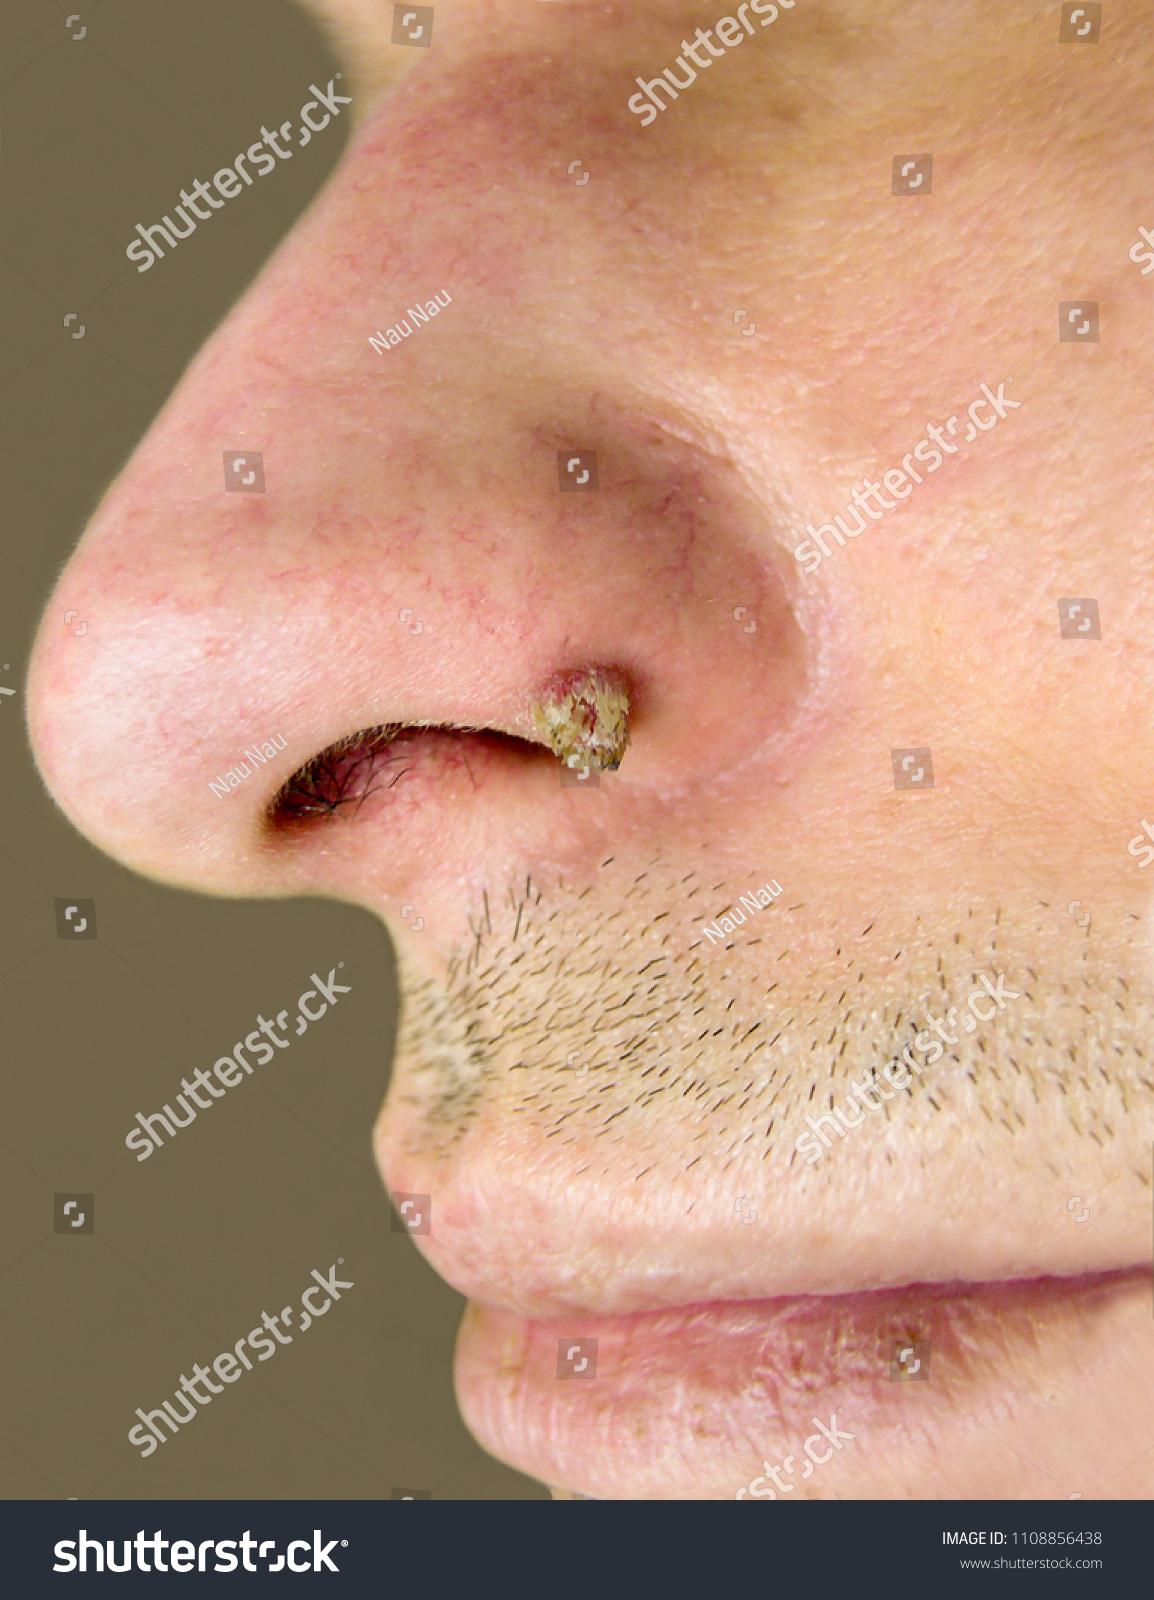 Méhnyak rákszűrés - Dr. Szabó György Róbert Hyperkeratosis és papilloma